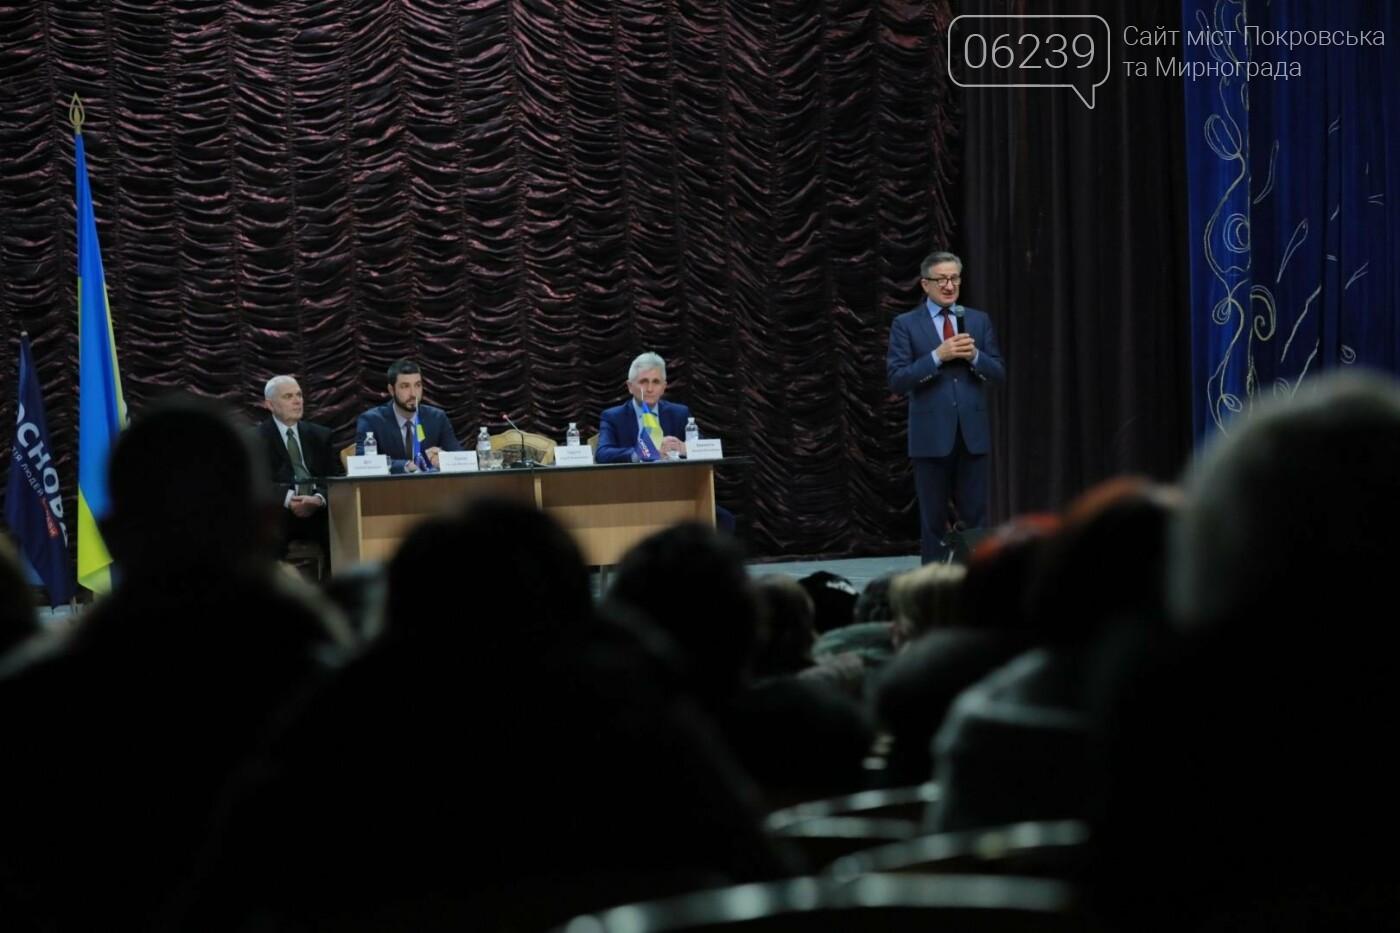 Кандидат на пост Президента Украины Сергей Тарута посетил Покровск, фото-13